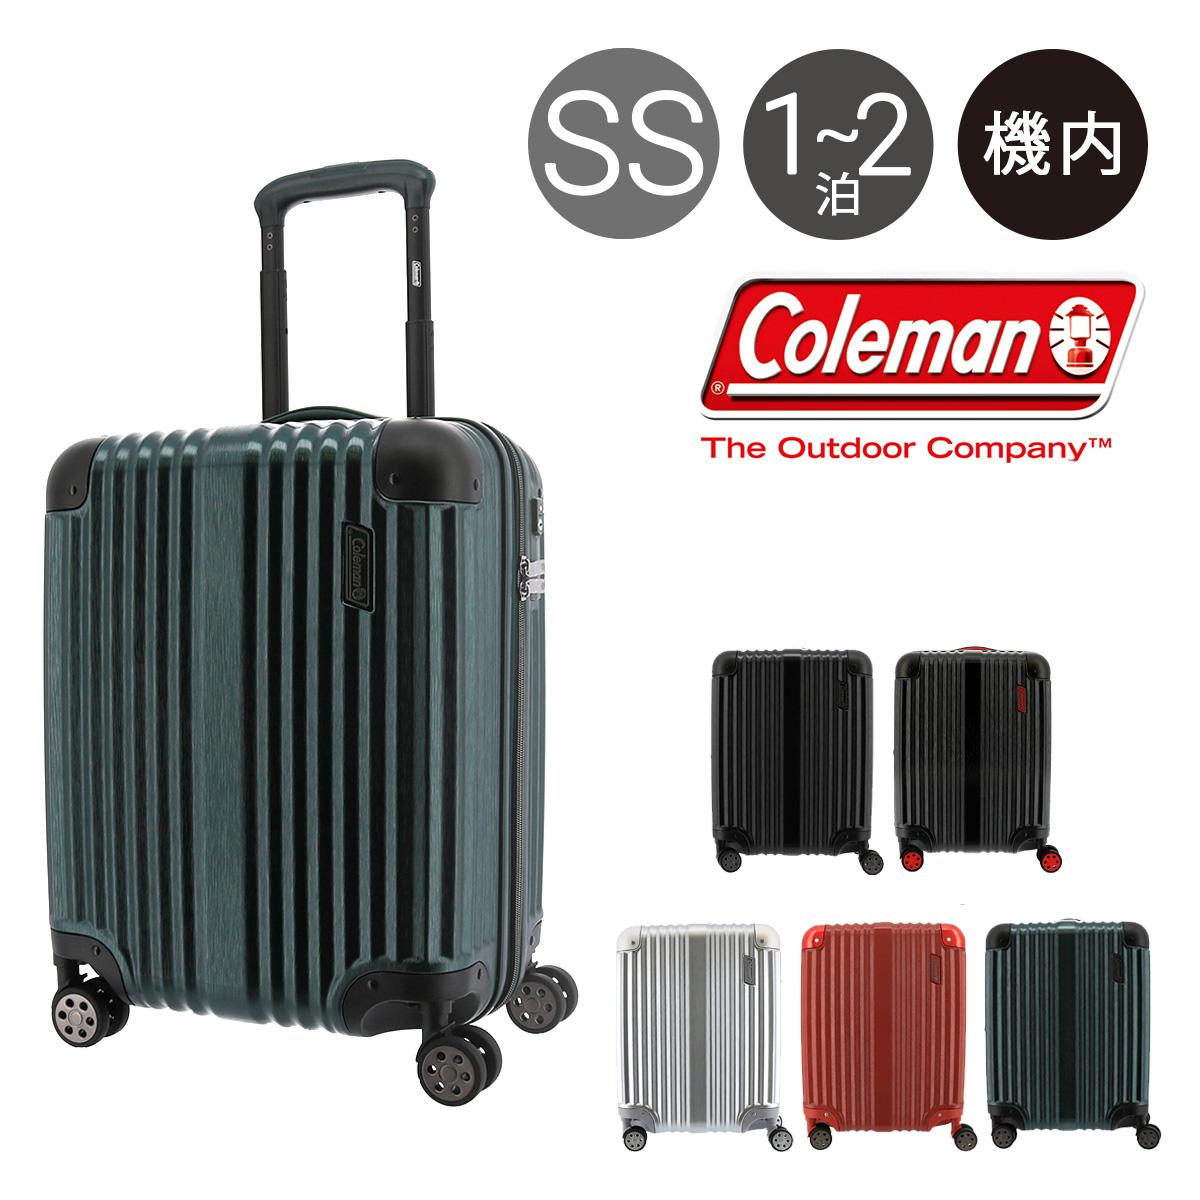 コールマン スーツケース 38L ハード ファスナー 機内持ち込み メンズ レディース 14-59 Coleman | キャリーケース ヘアライン柄[PO10]